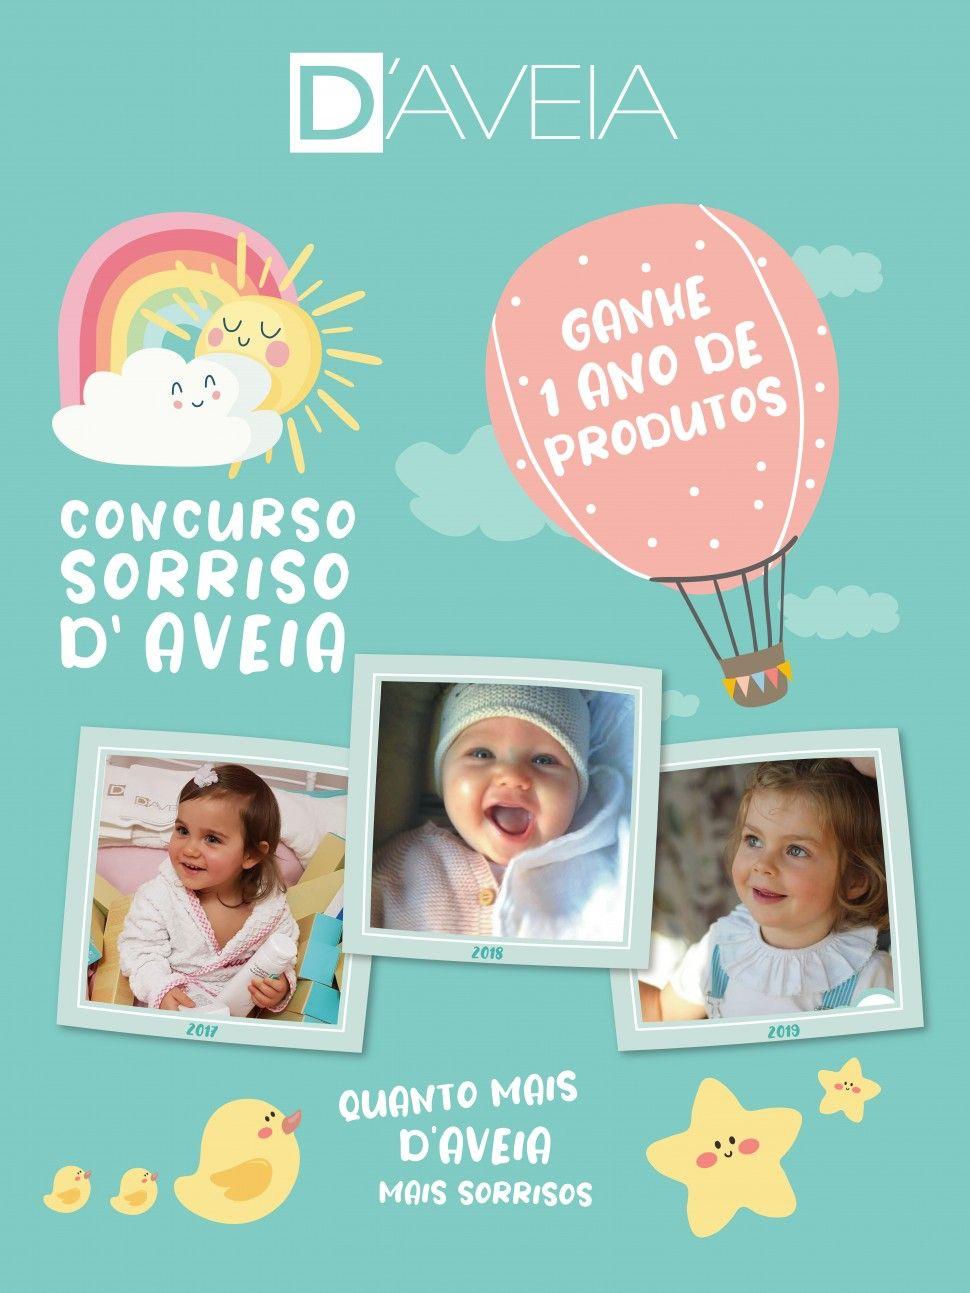 D'AVEIA apresenta o Concurso Sorriso D'AVEIA 2020!